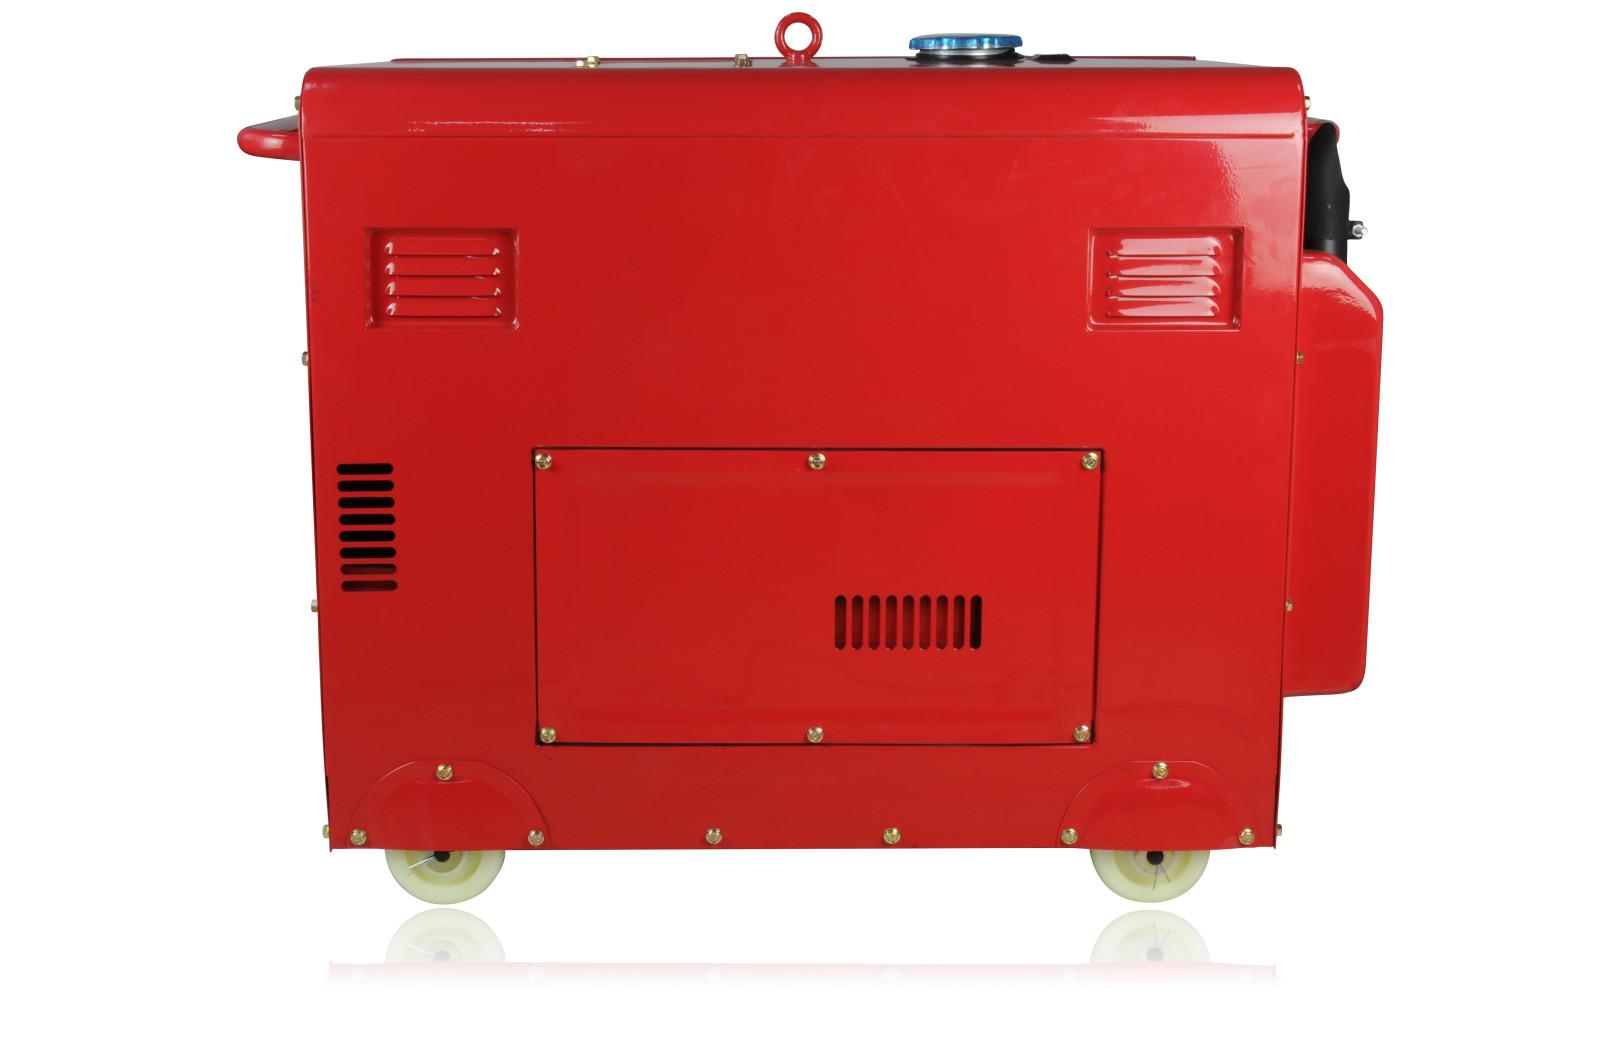 dieselgenerator stromerzeuger 5 5kw 12v 230v notstrom aggregat generator ebay. Black Bedroom Furniture Sets. Home Design Ideas